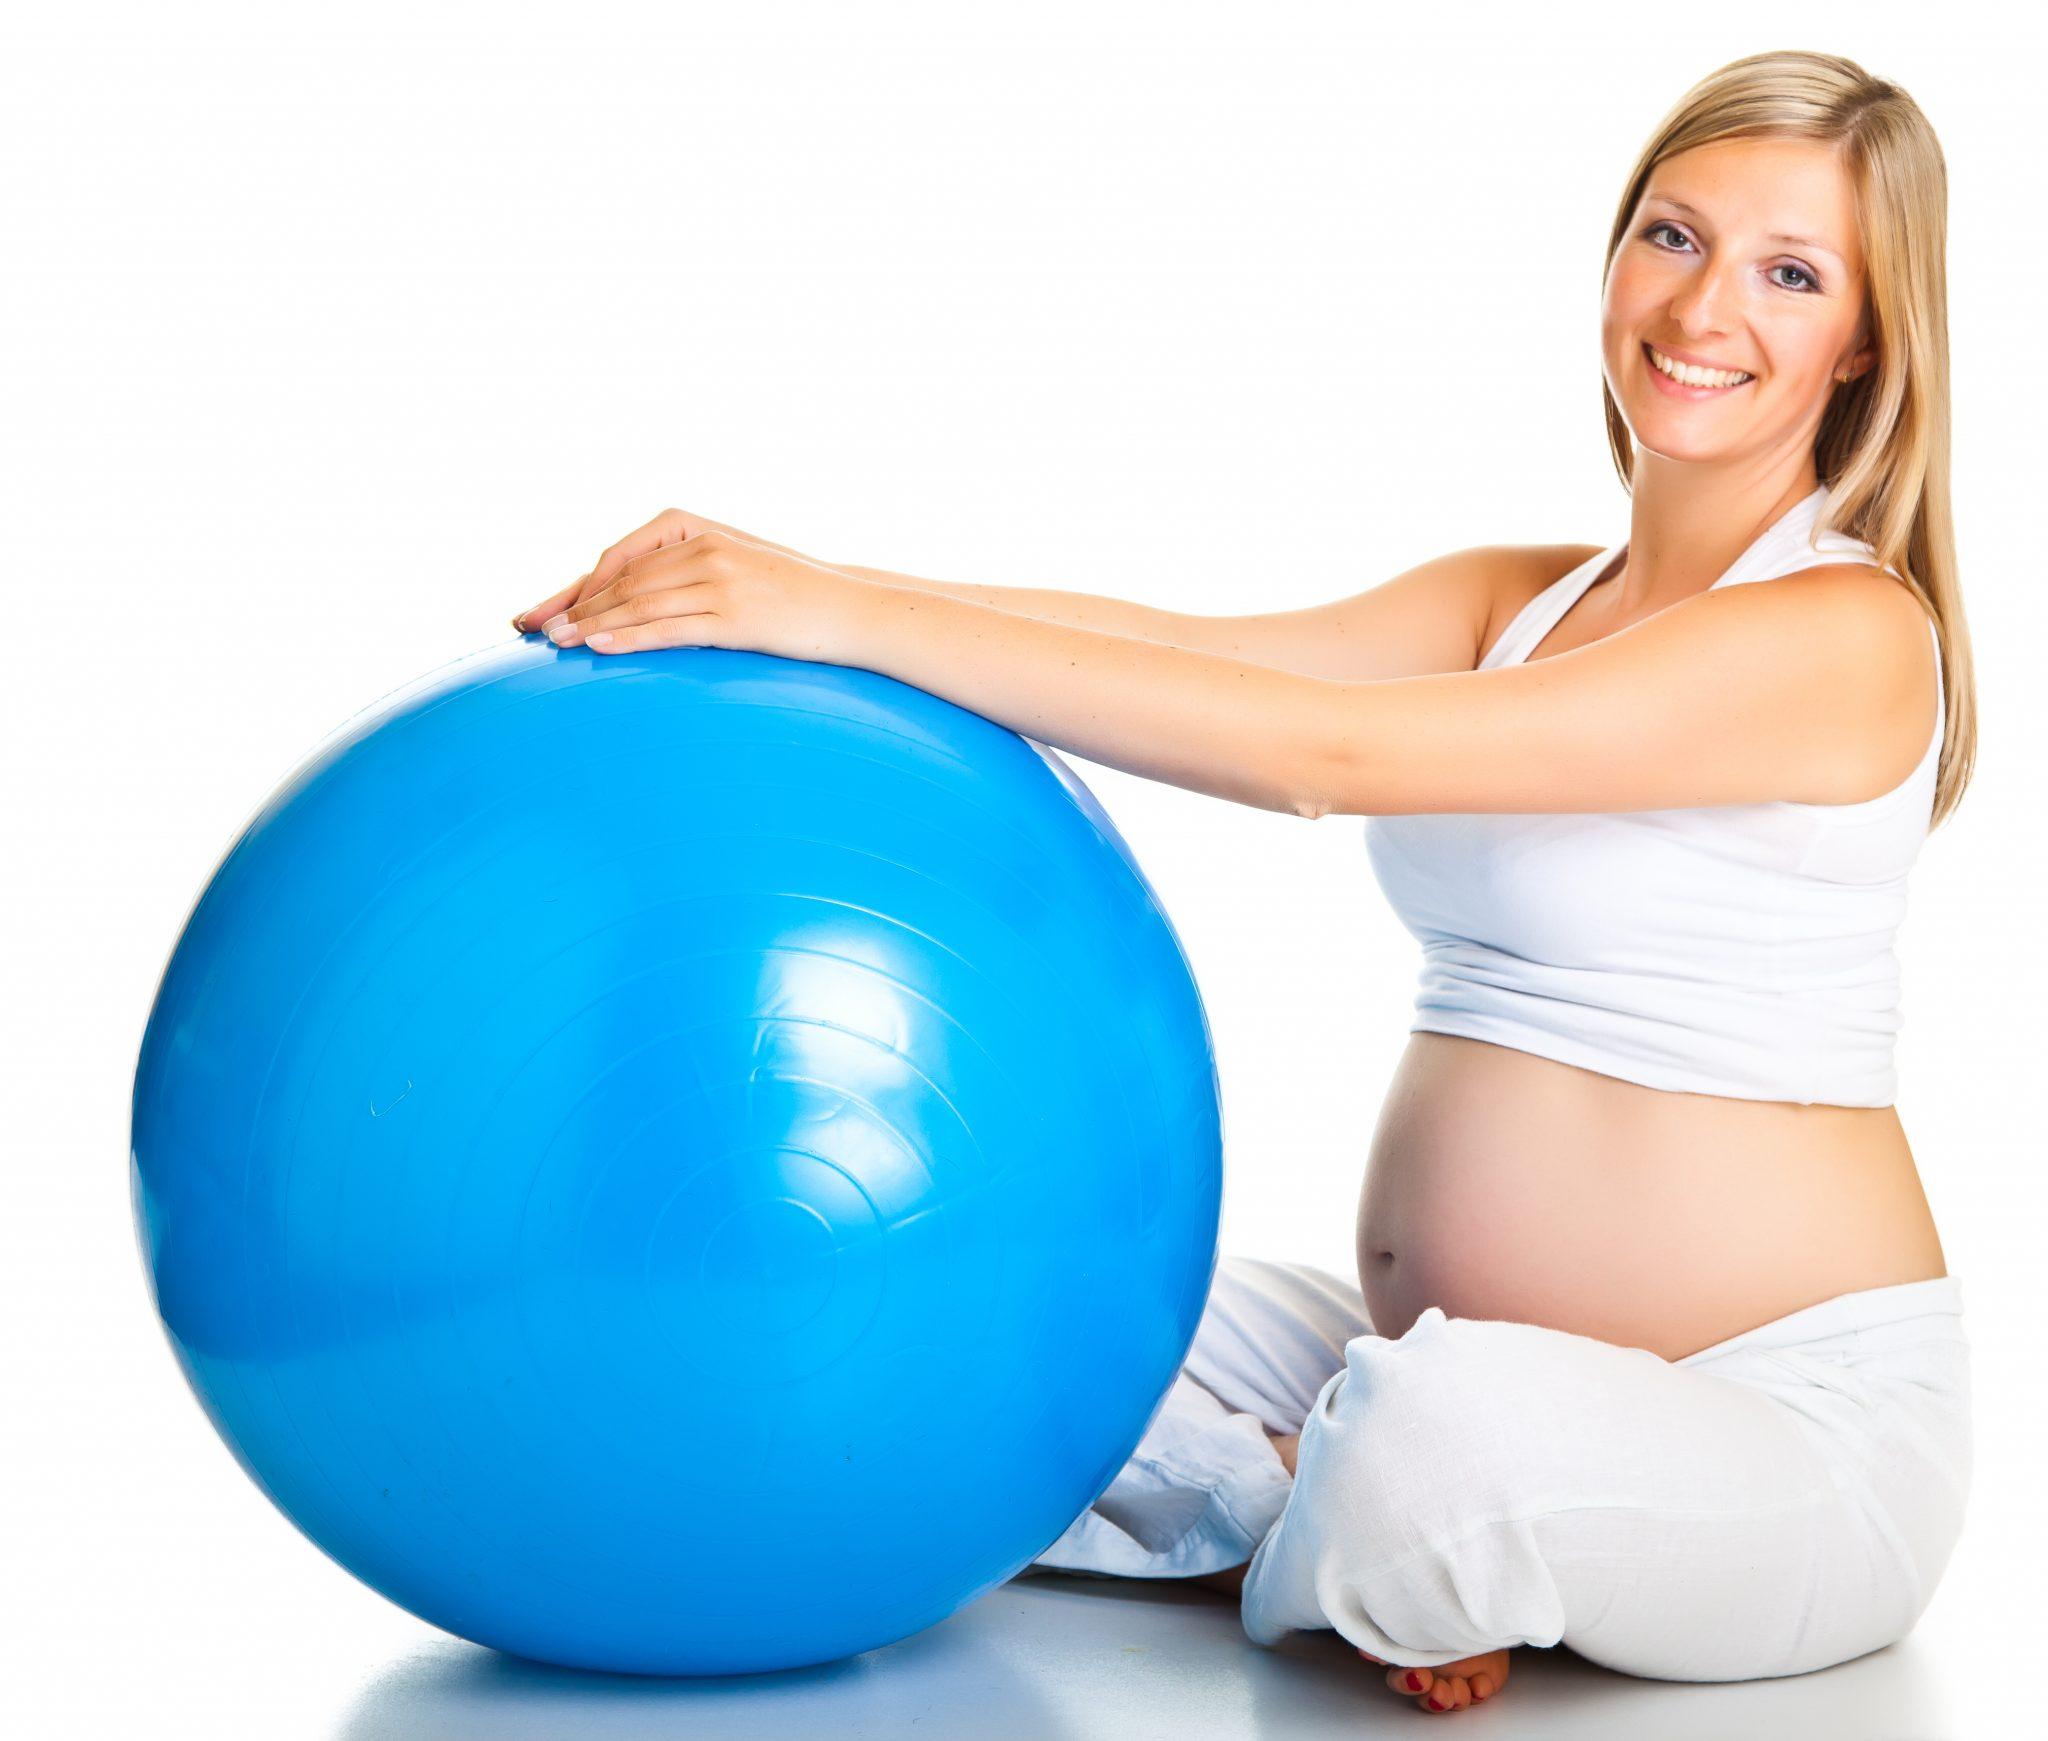 Cuídate durante el embarazo con Pilates - Aserhco ...